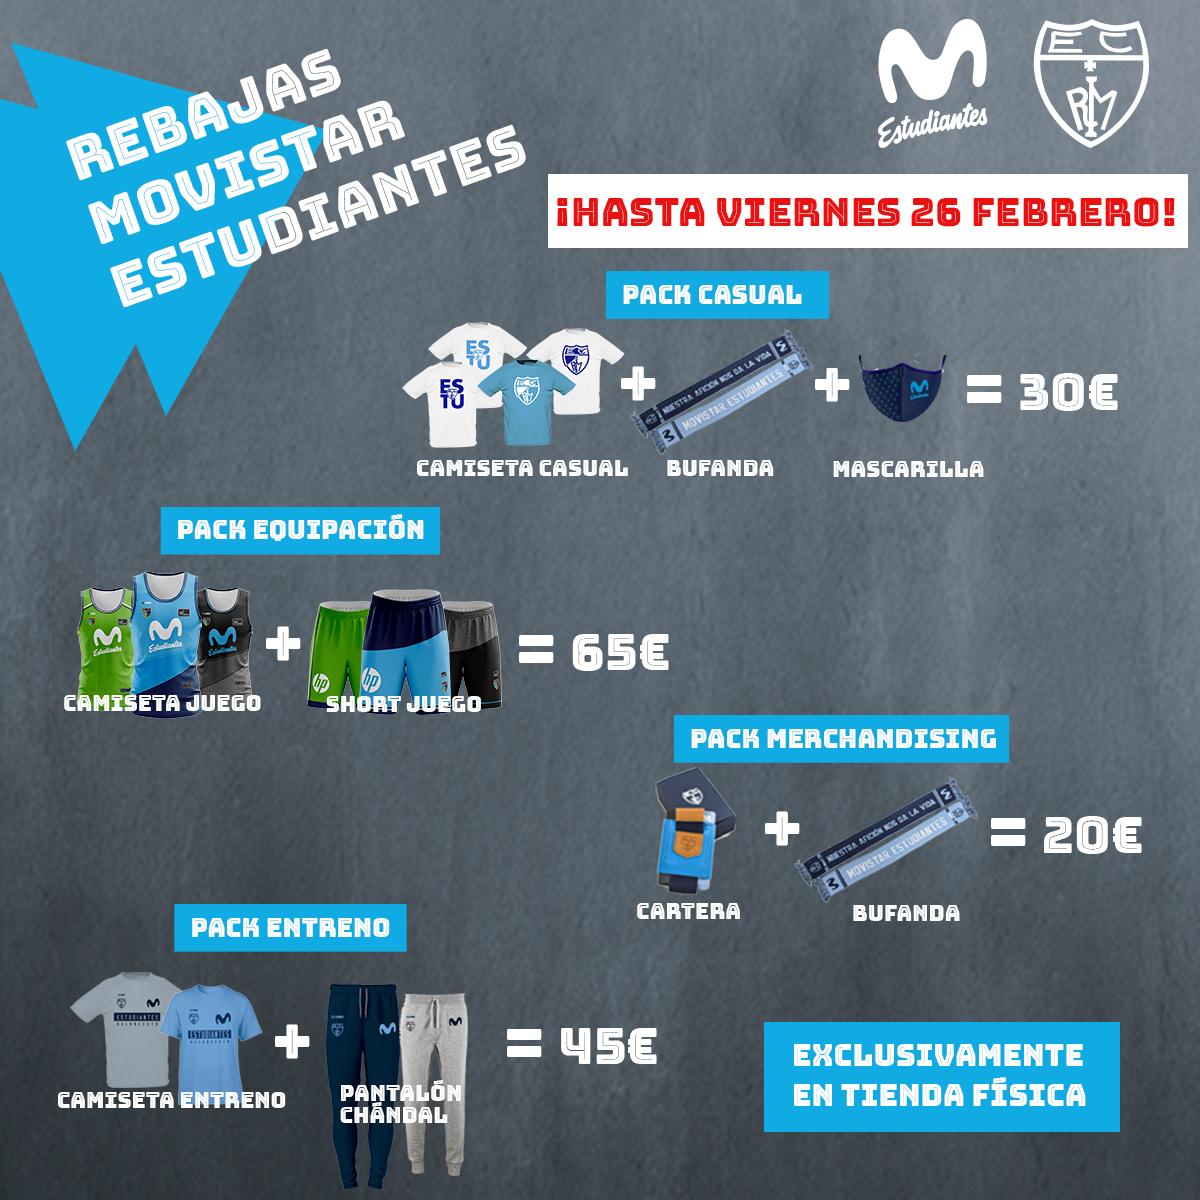 ¡Últimos días de rebajas en la tienda física de Movistar Estudiantes!